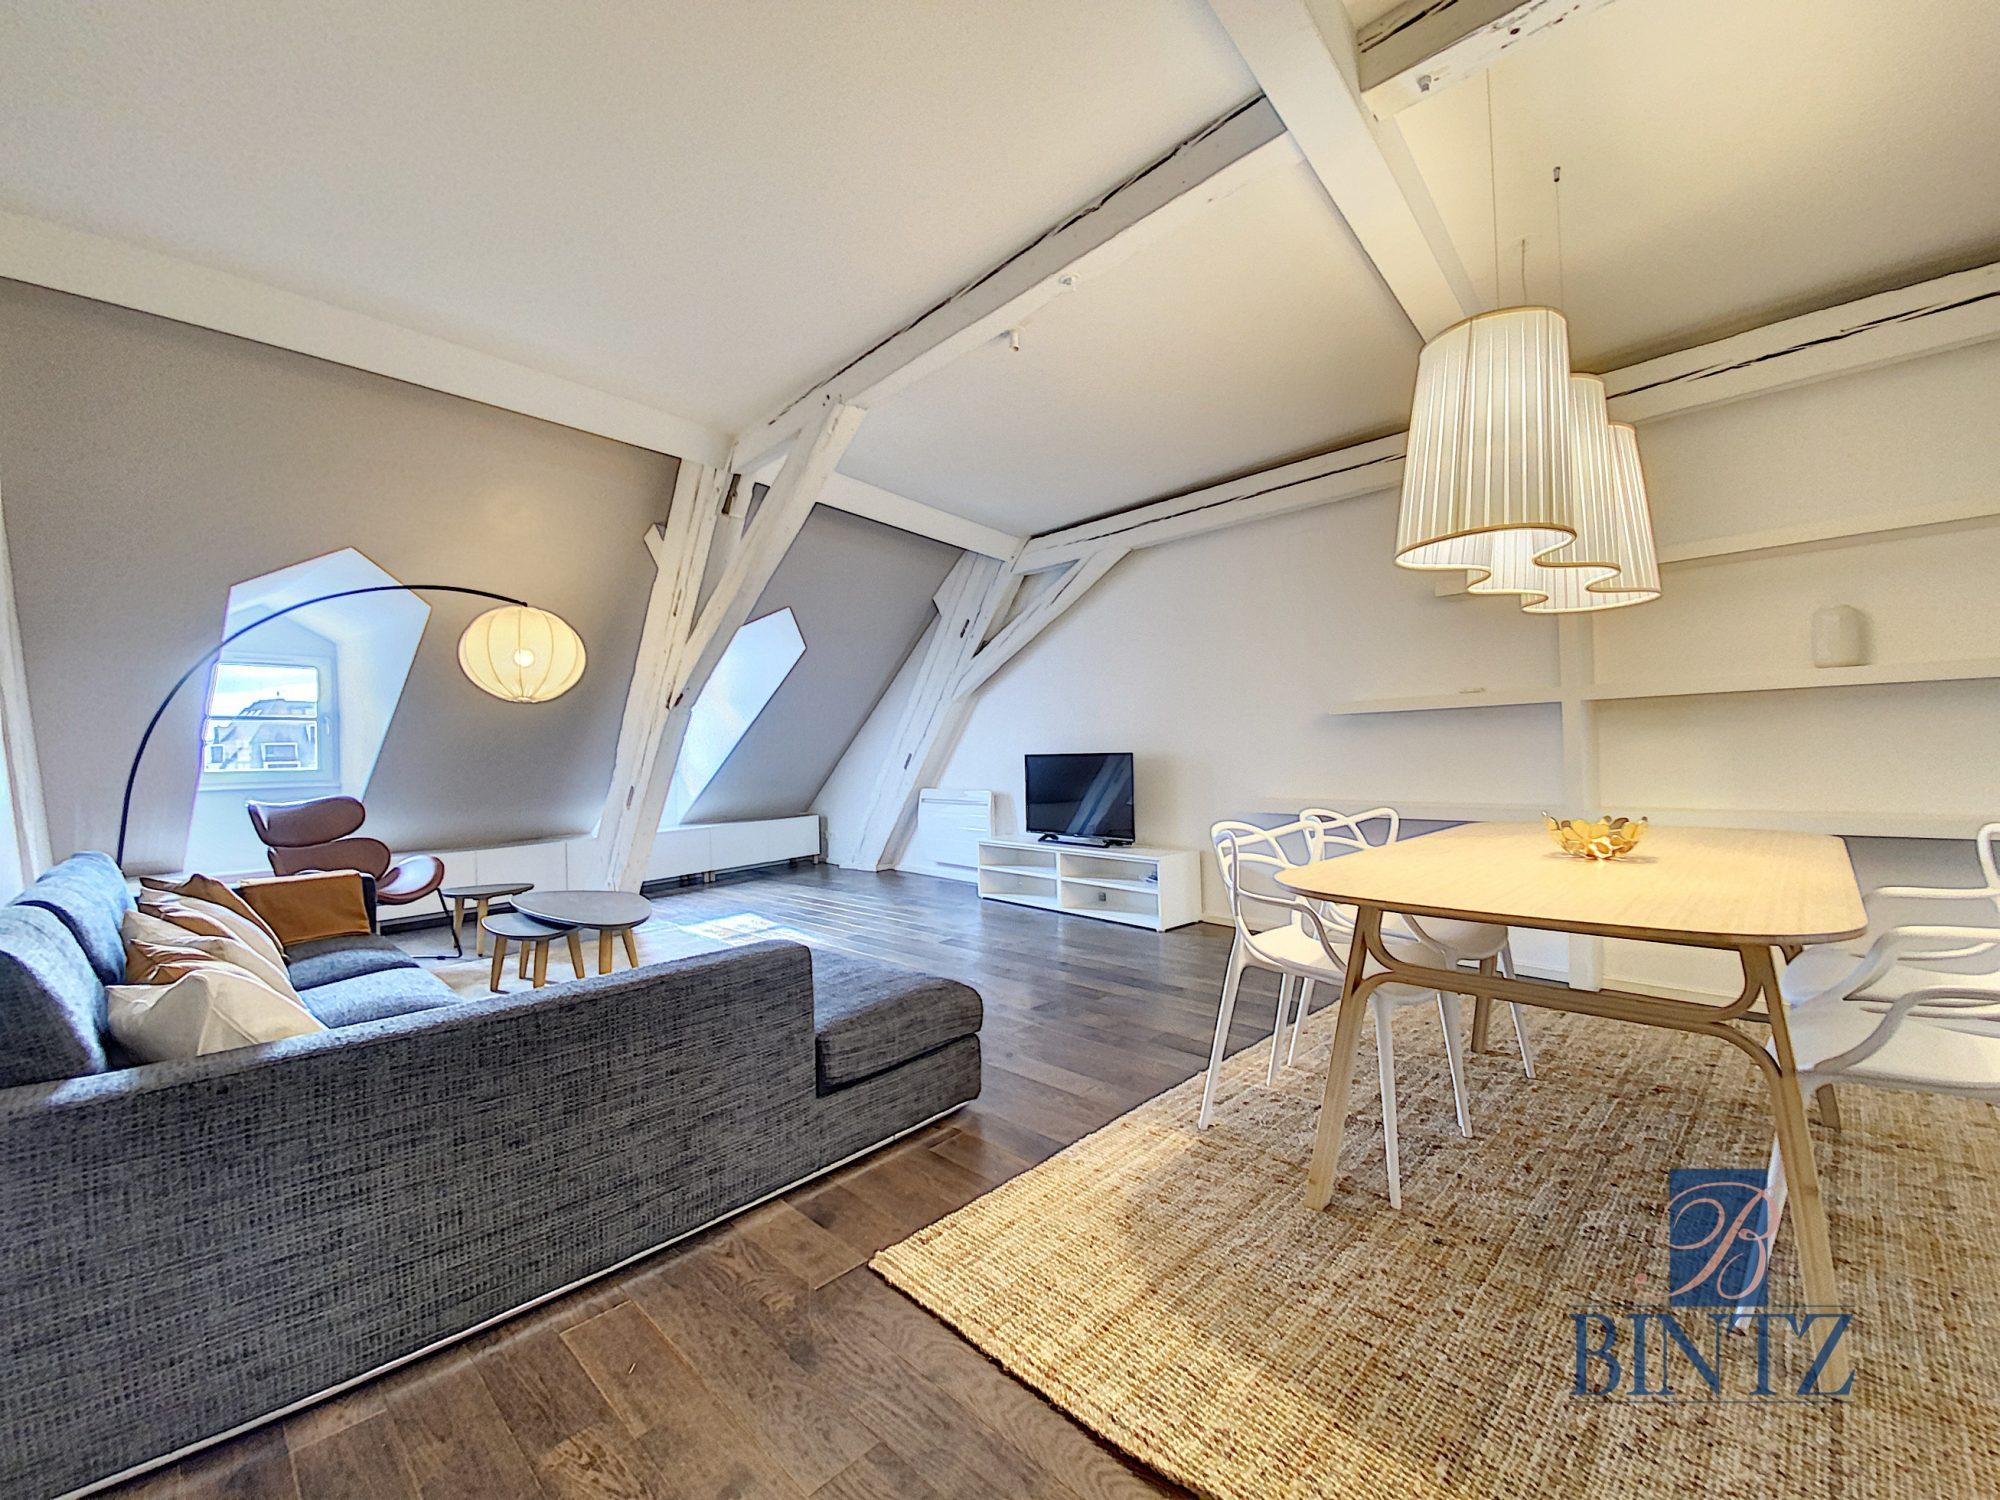 COCON AVEC TERRASSE HYPER-CENTRE - Devenez locataire en toute sérénité - Bintz Immobilier - 2